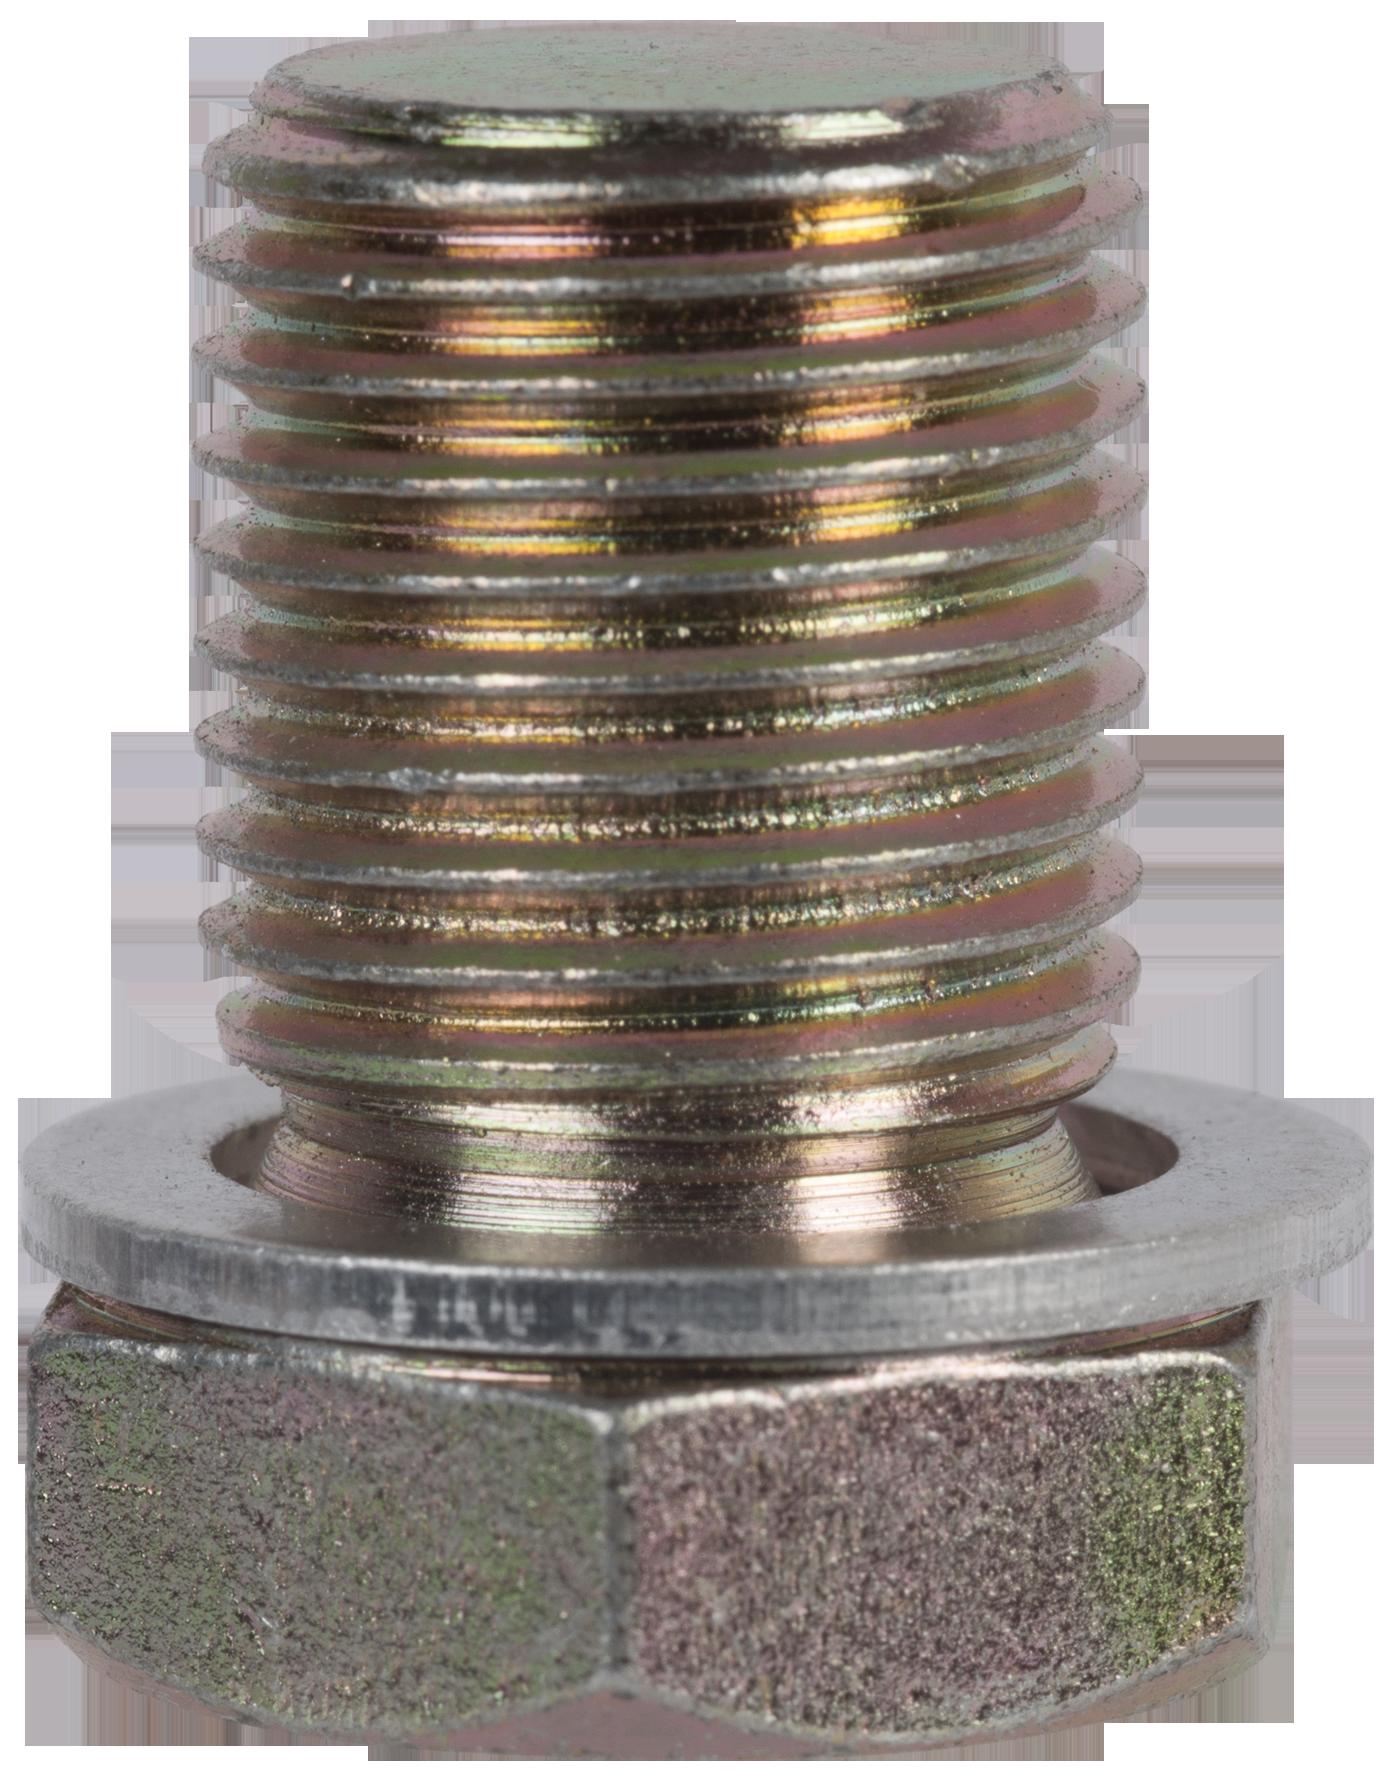 SWSTAHL Schraube mit Aludichtung Ölablasschraube M15 x 1,5 03011L